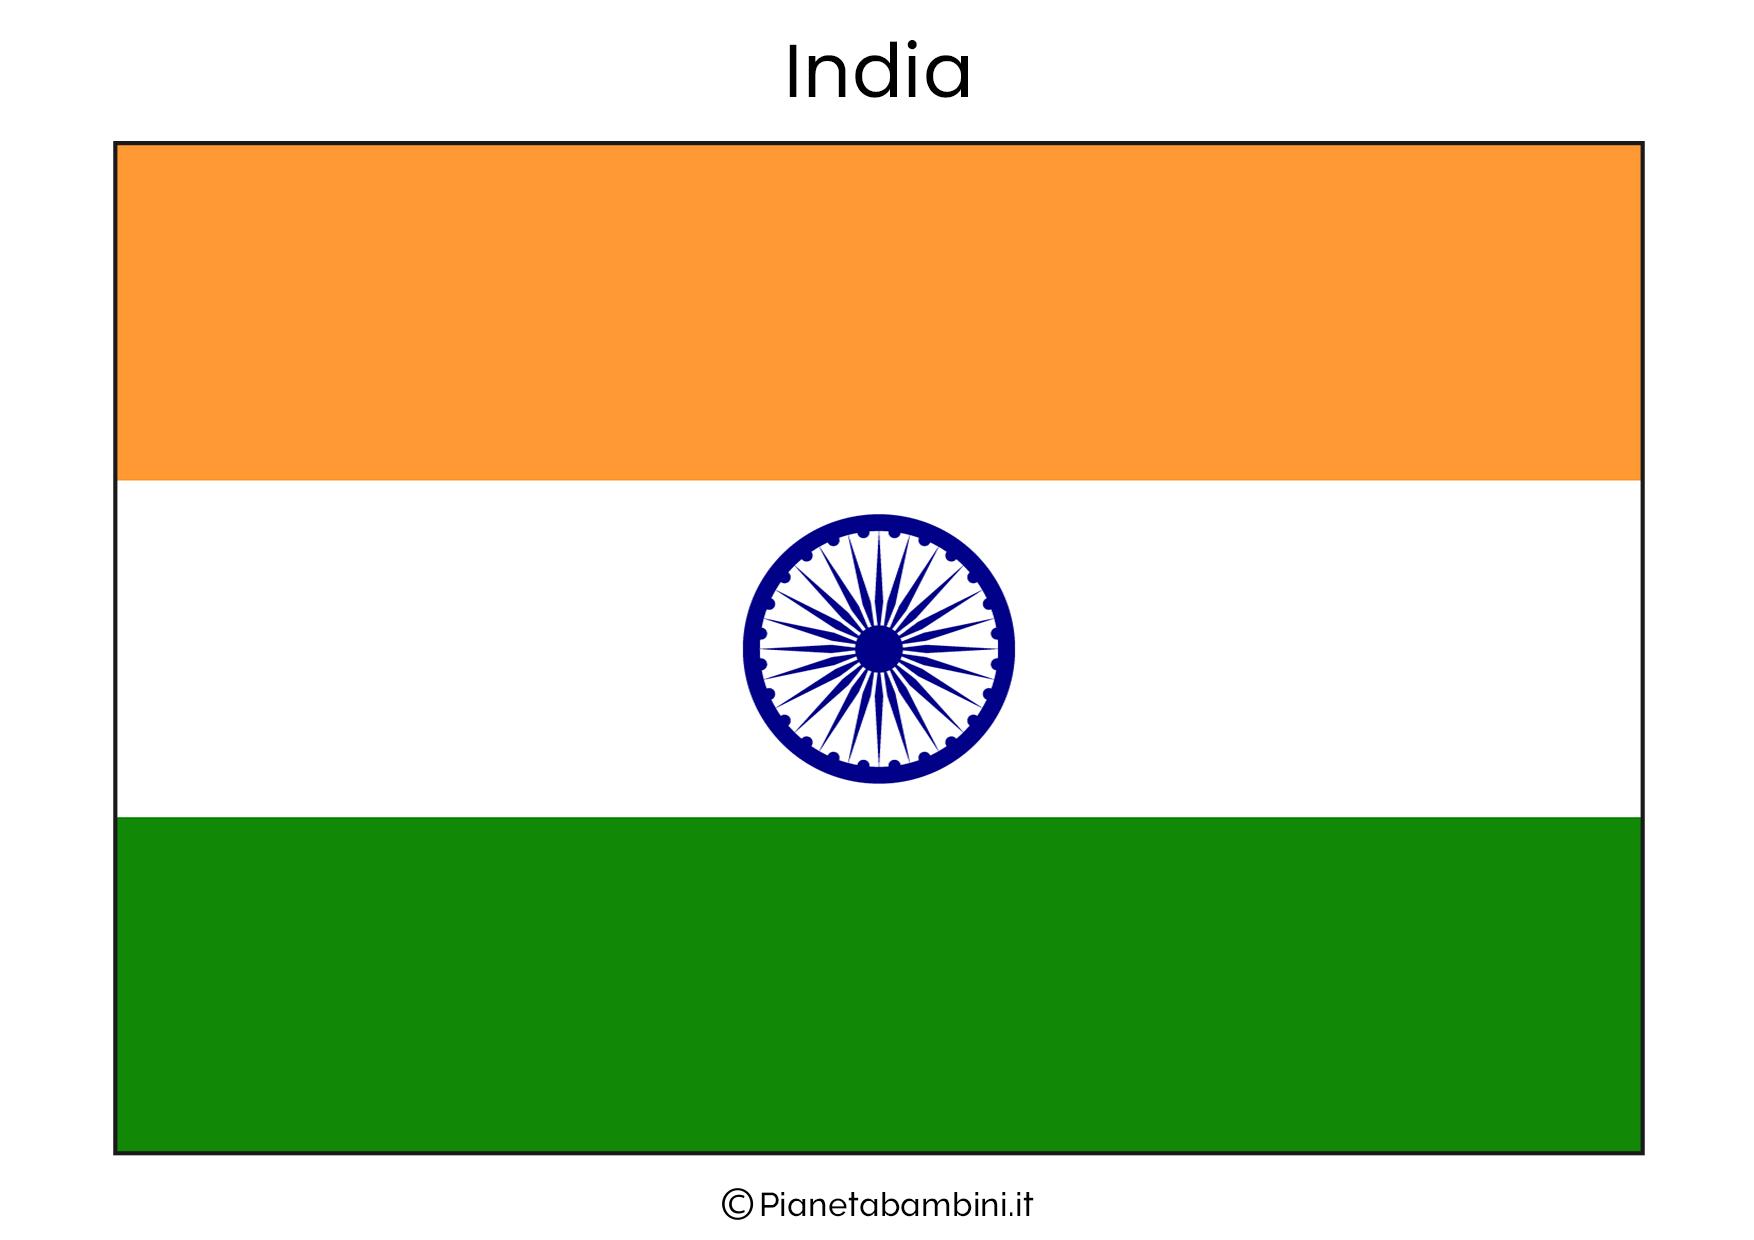 Bandiera dell'India da stampare